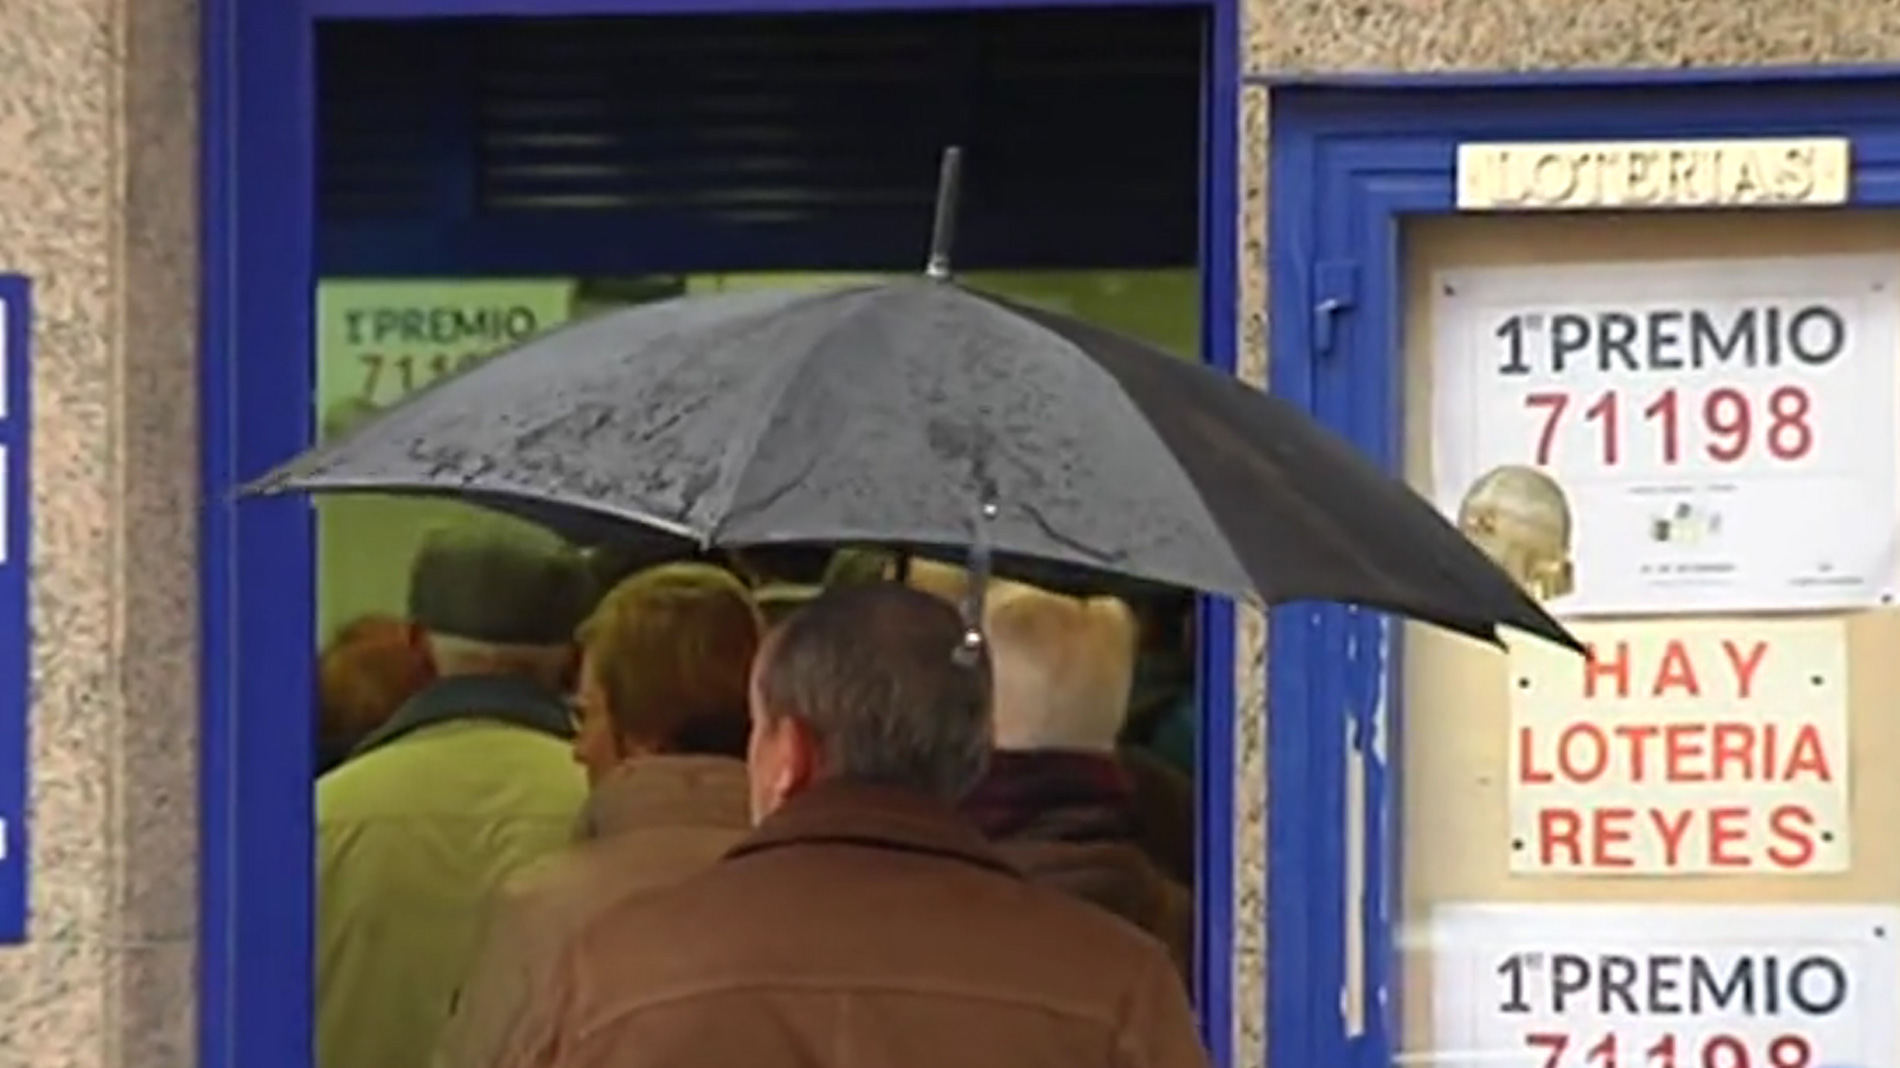 Largas colas para comprar lotería en el pueblo lucense donde cayó el Gordo de Navidad